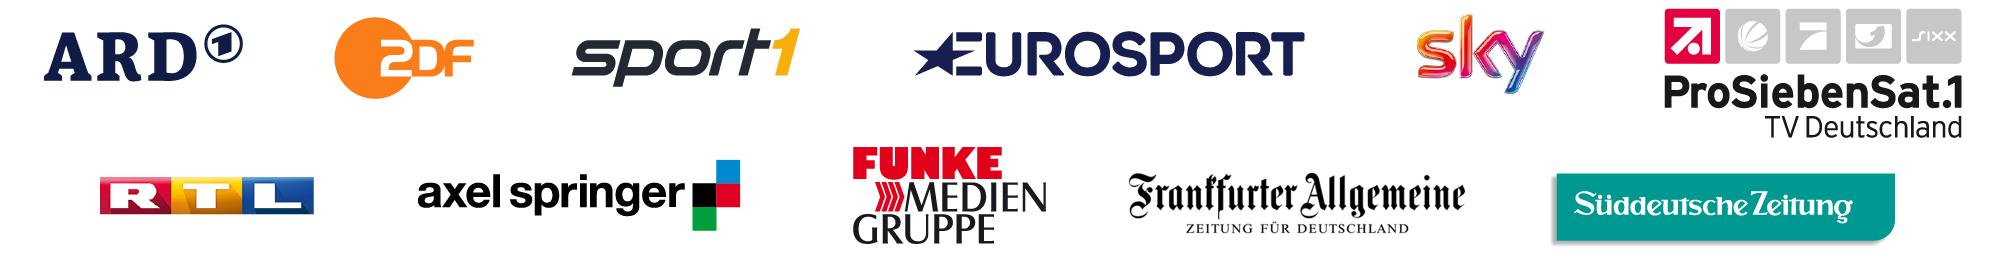 Unsere Kunden:<br /> 90% aller deutschen Medien